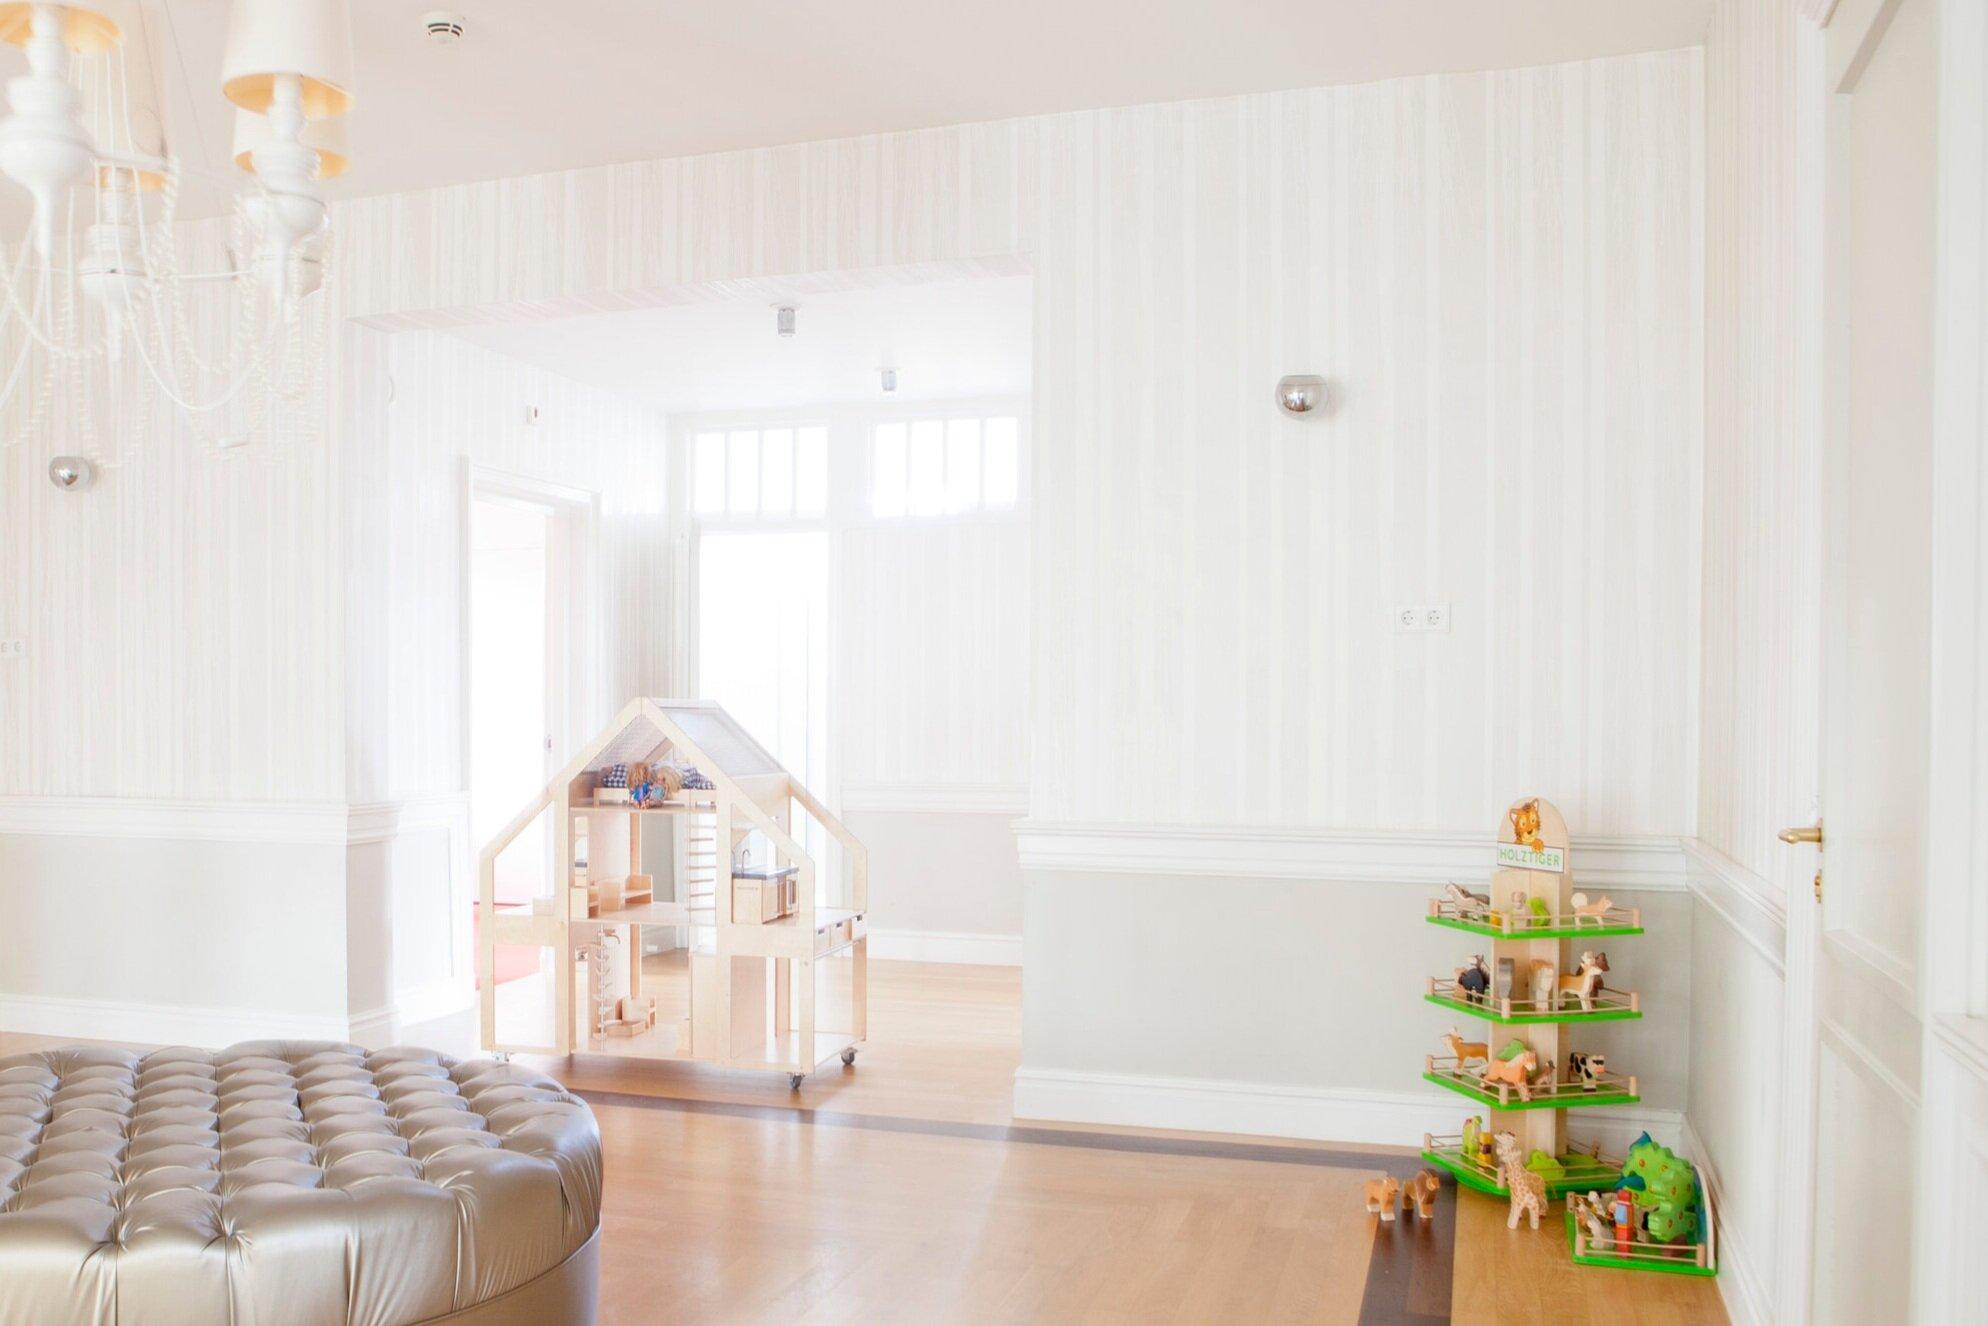 Kinderzimmer clever einrichten - die schönsten Ideen, Möbel ...